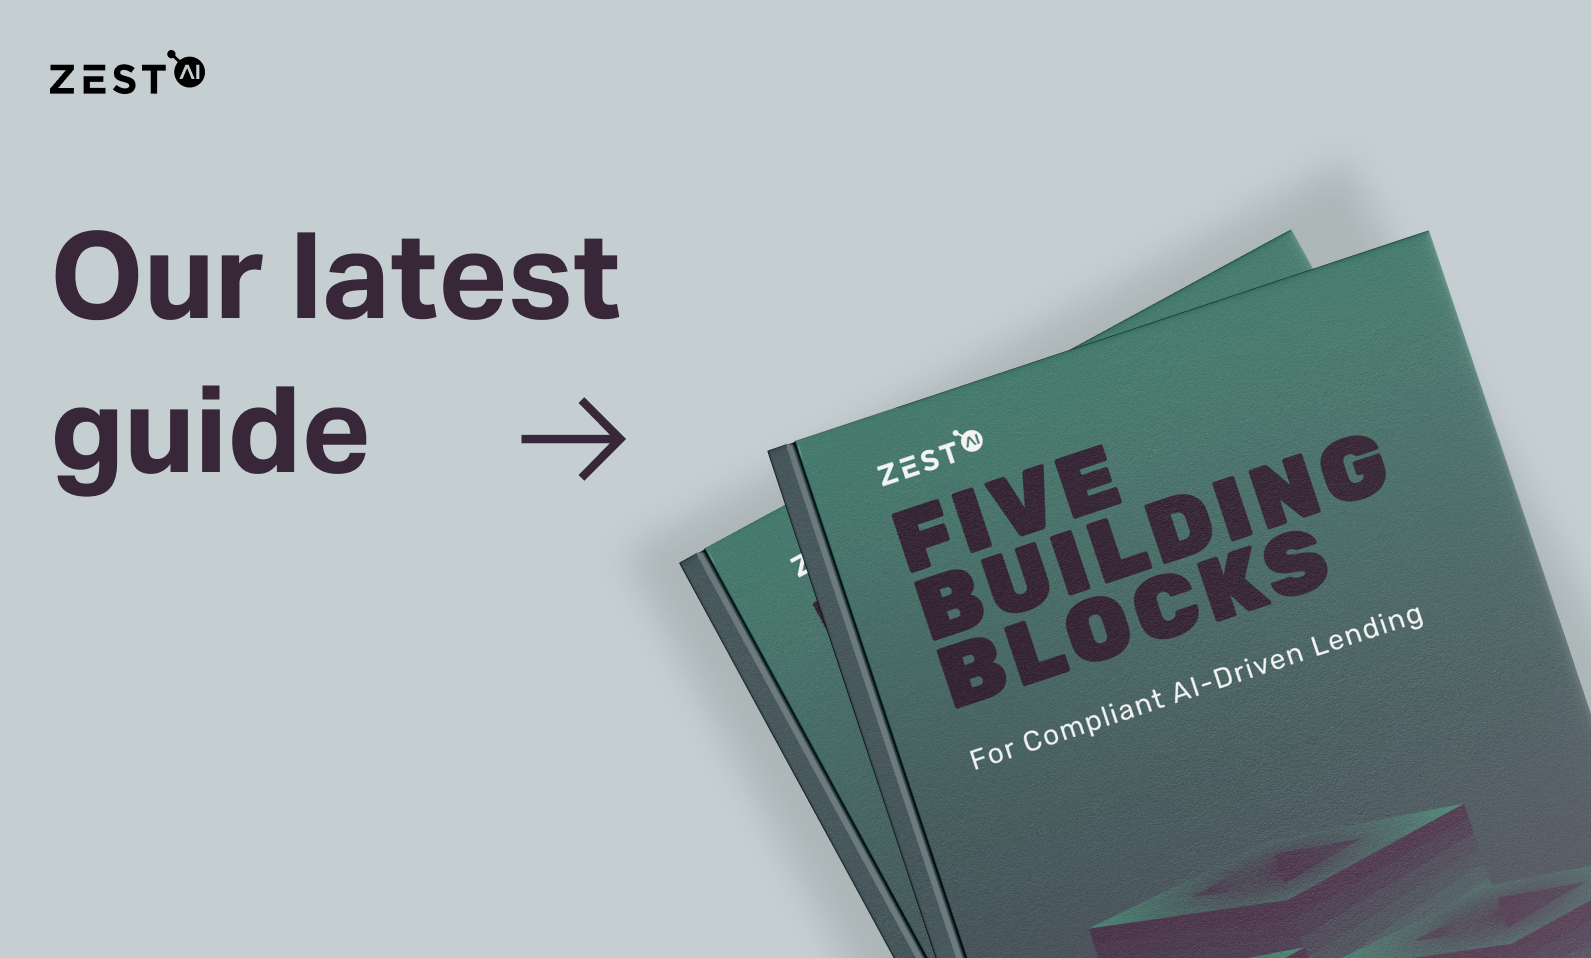 Five Building Blocks for Compliant AI-driven Lending